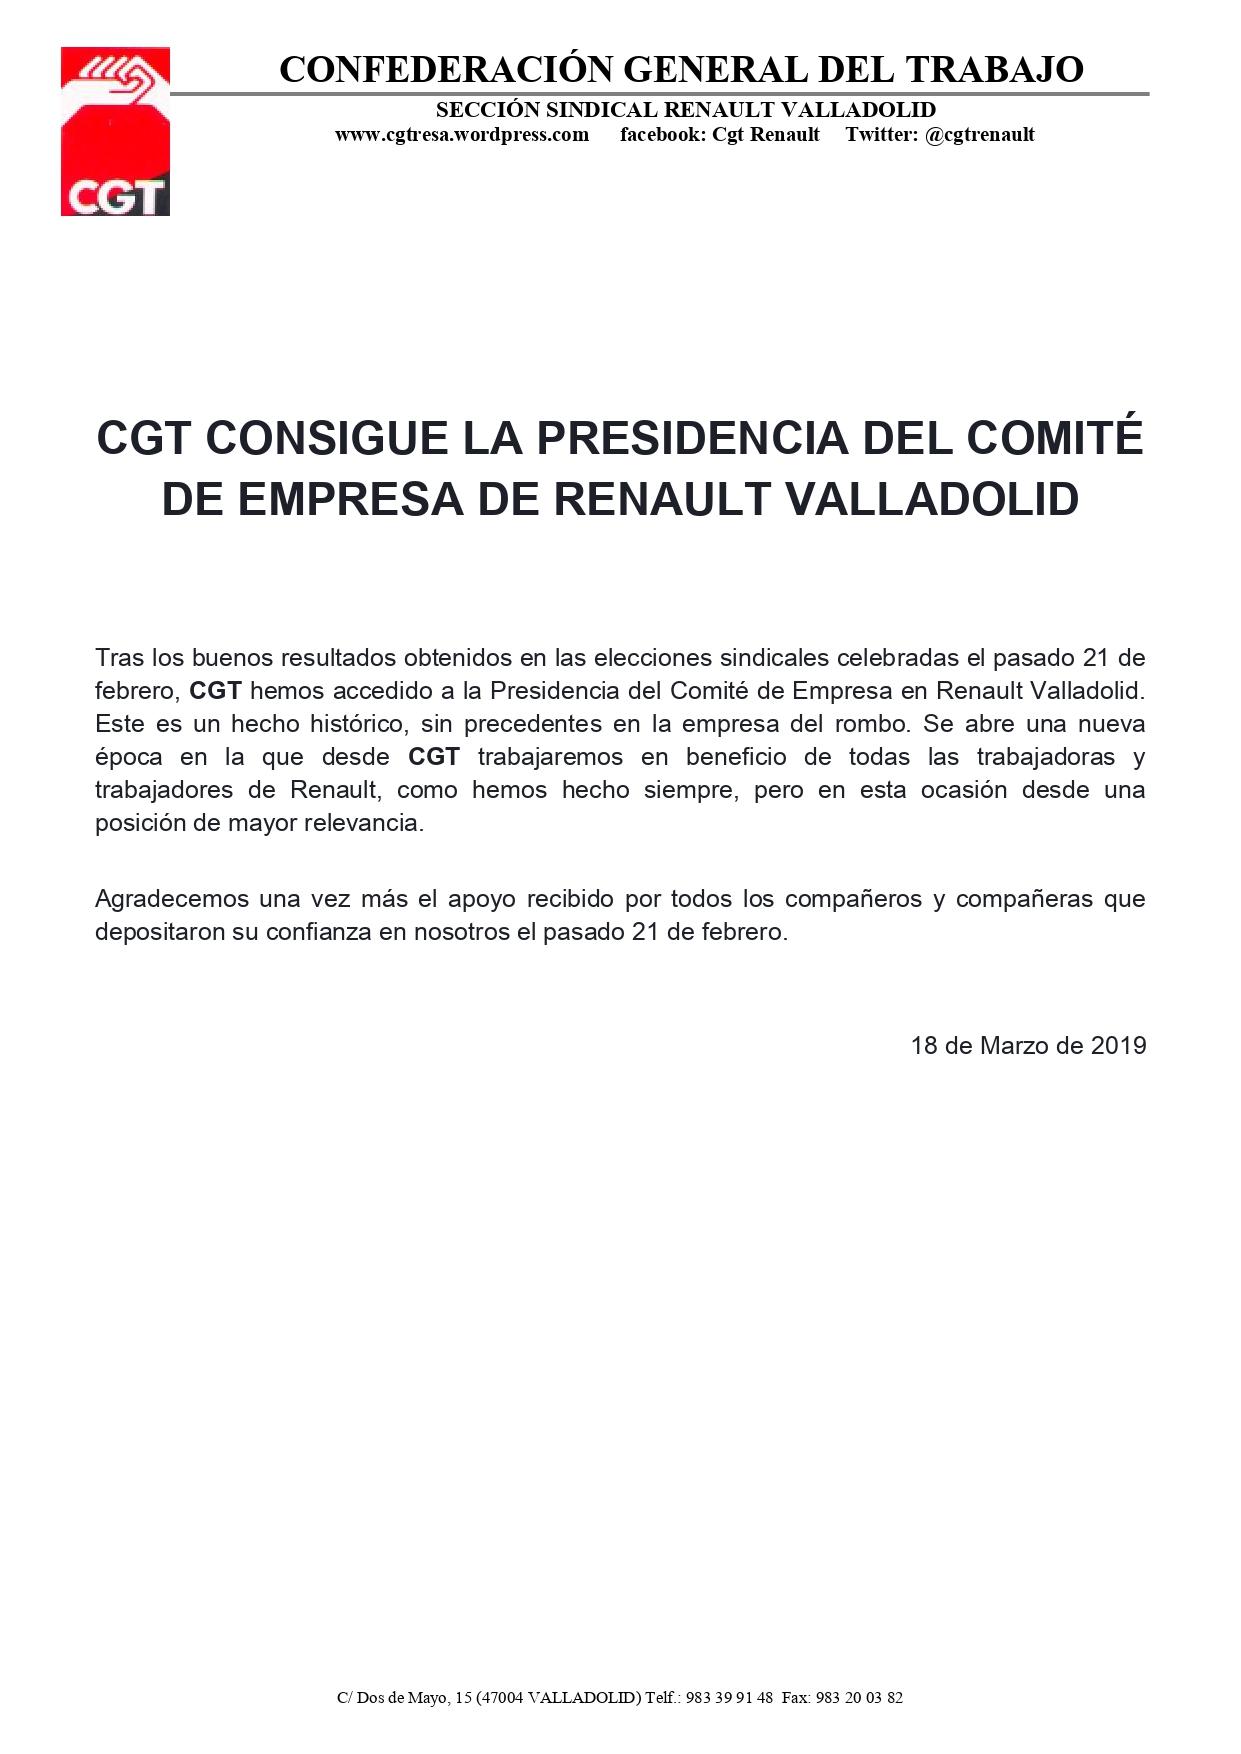 CGT Presidencia (Comunicado)_page-0001